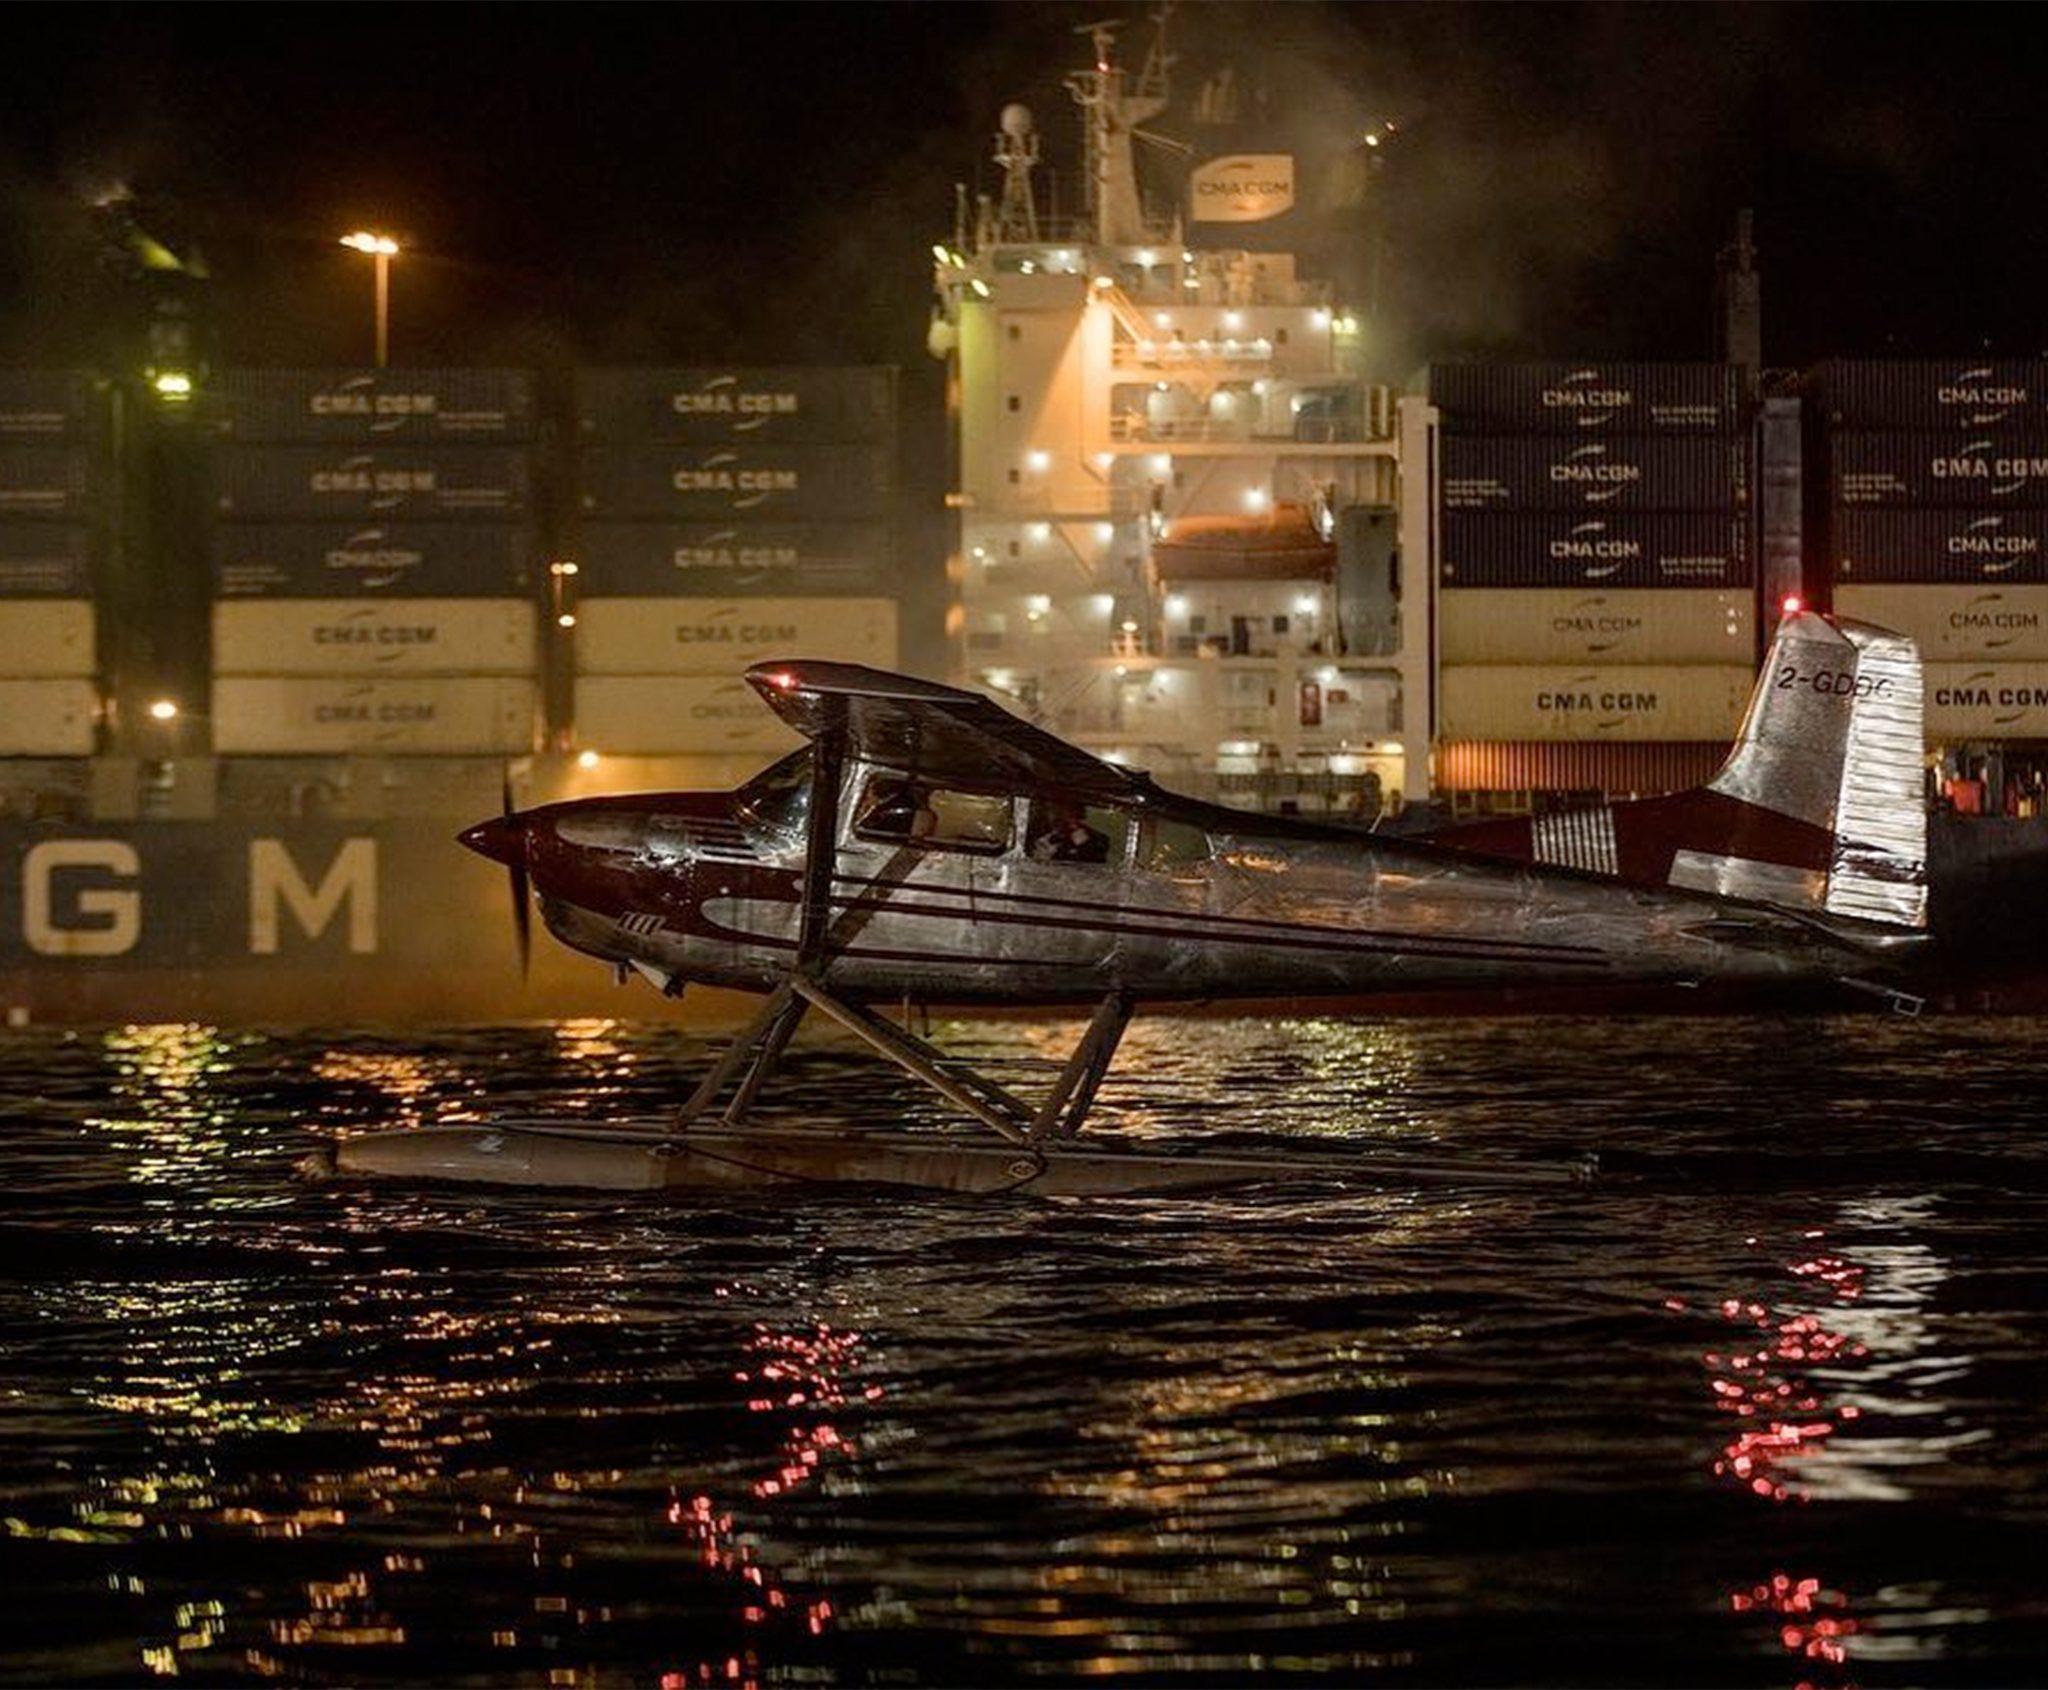 Spectaculaire beelden vanaf het water. (Foto Danjaq, LLC and Metro-GoldwynMayer Studios Inc.)